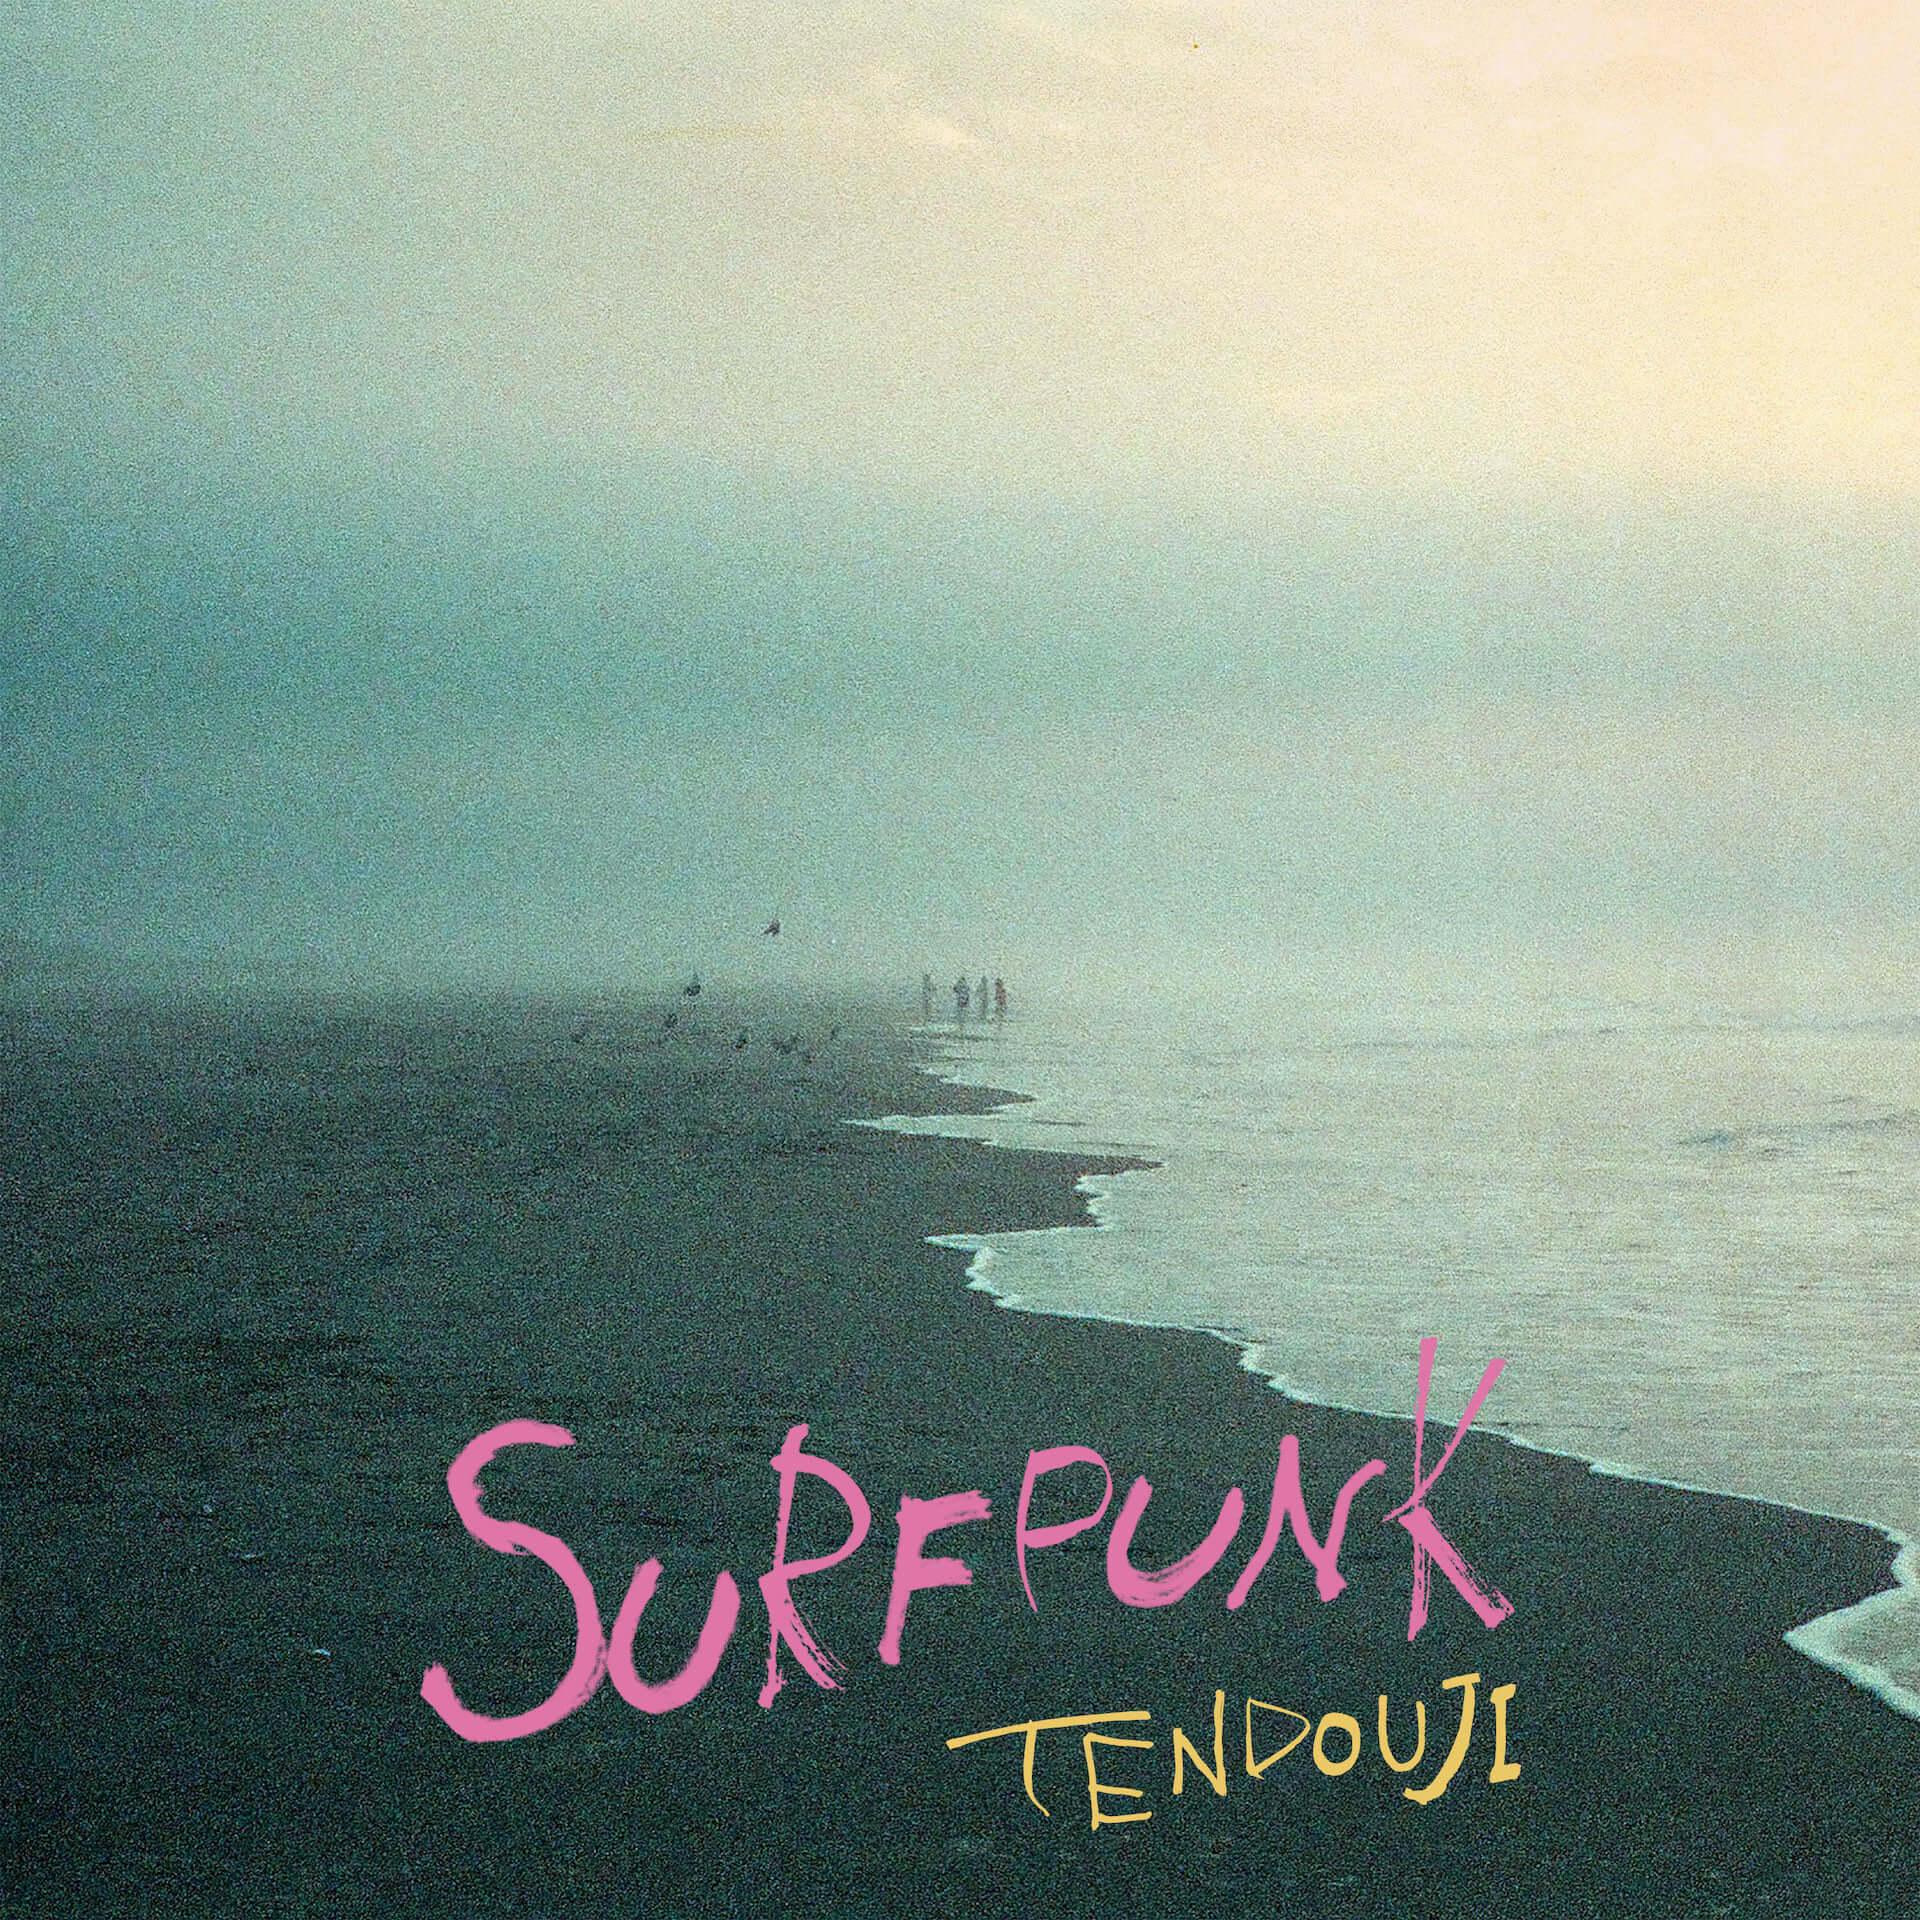 """ツアーを控えるTENDOUJIが新曲""""SURFPUNK""""のMVを公開!ボーカル・モリタナオヒコのコメントも到着 music201126_tendouji_1-1920x1920"""